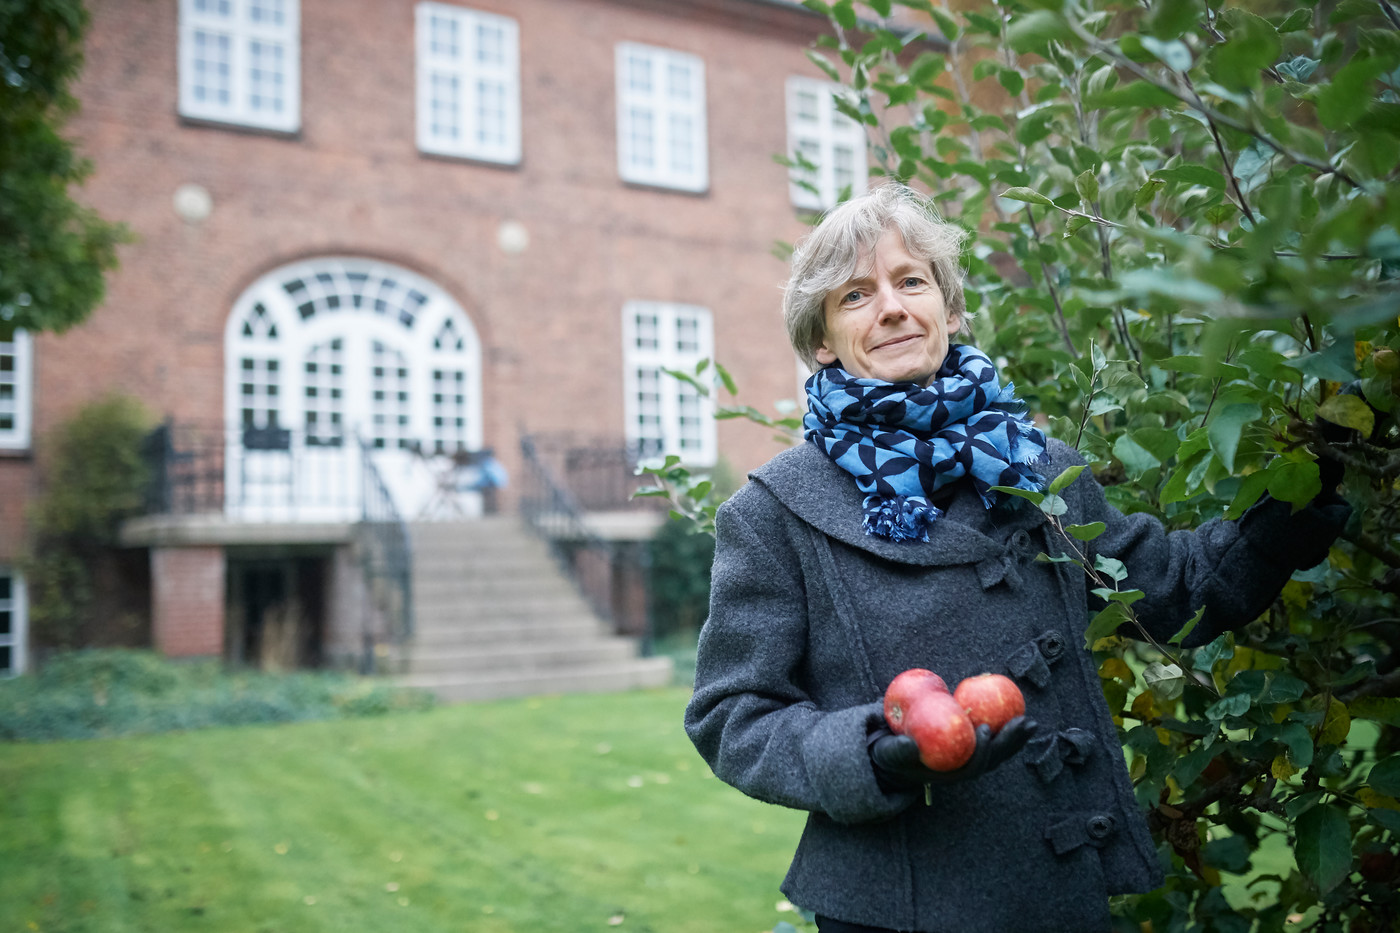 Tine Lindhardt halvtotal i haven foto Ard Jongsma.jpg